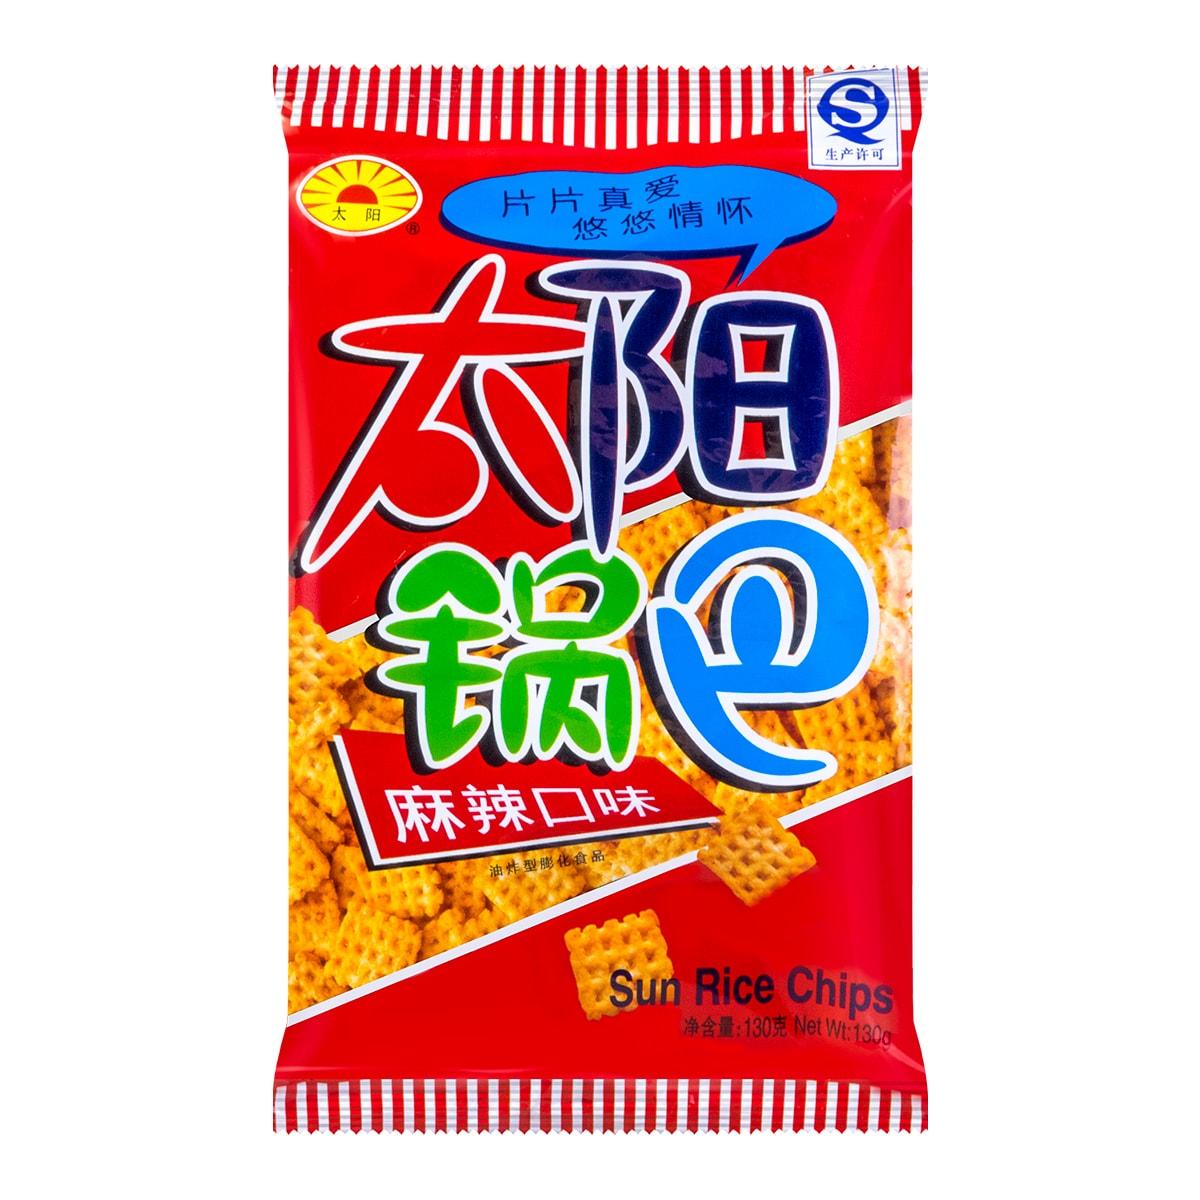 太阳锅巴 麻辣味 130g